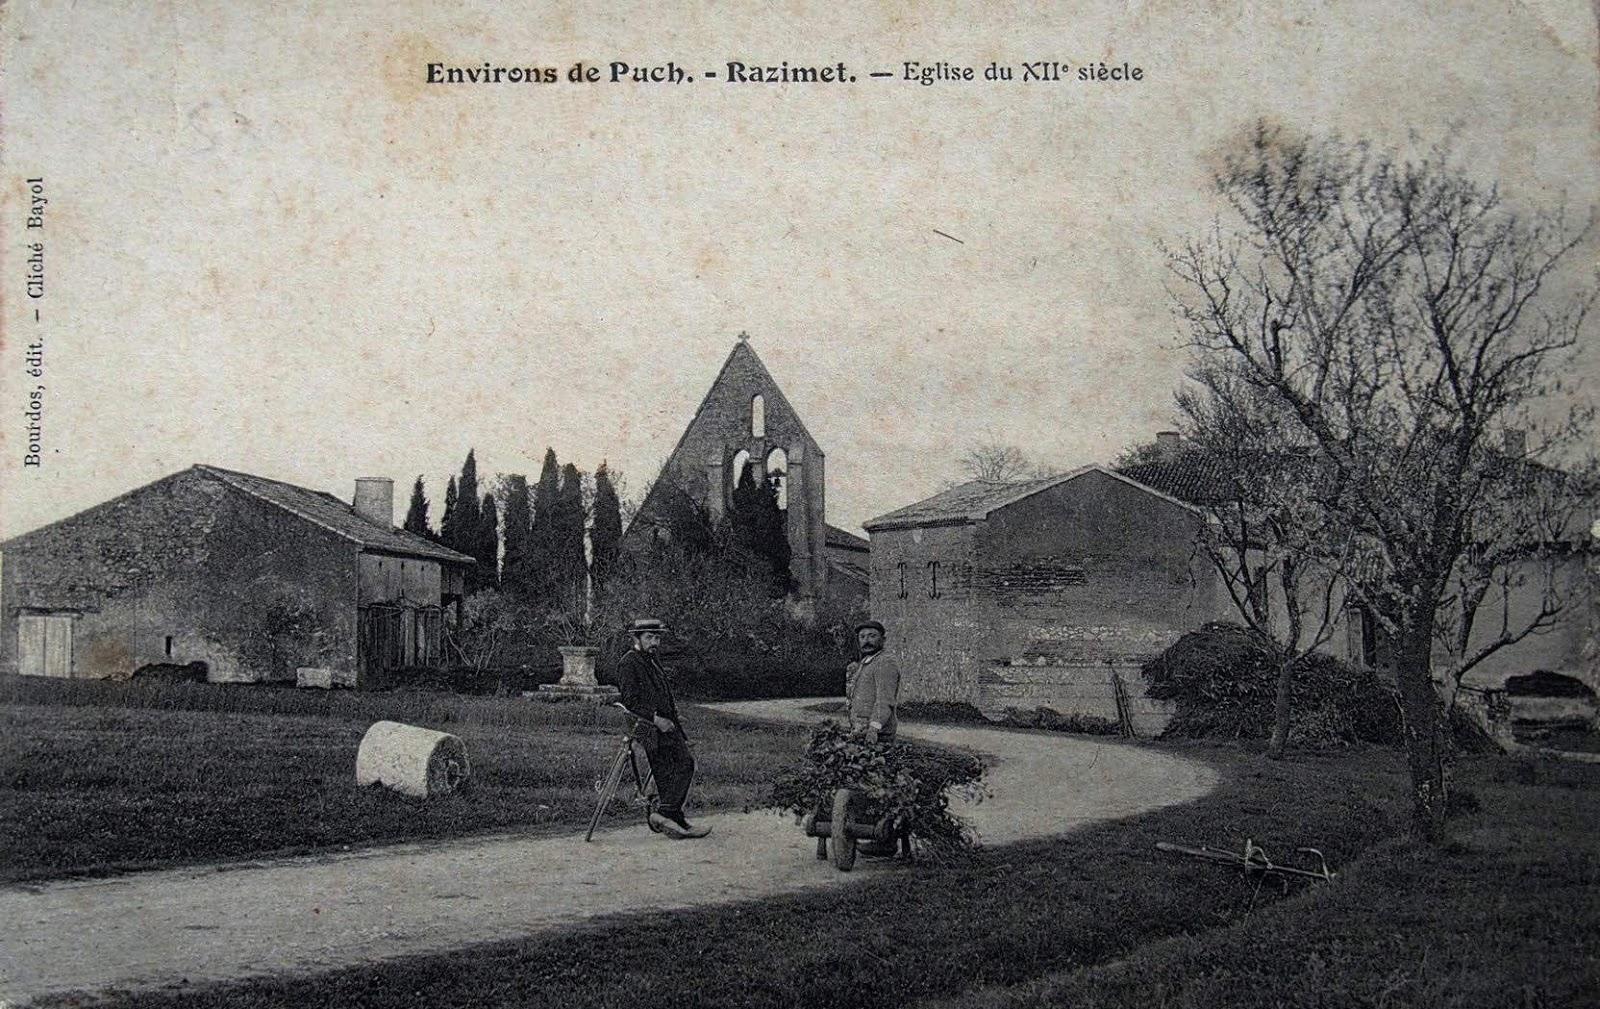 carte postale ancienne de l'entrée bourg de Razimet, l'instituteur appuyé sur son vélo devise avec le paysan devantysa brouette, en fond l'église